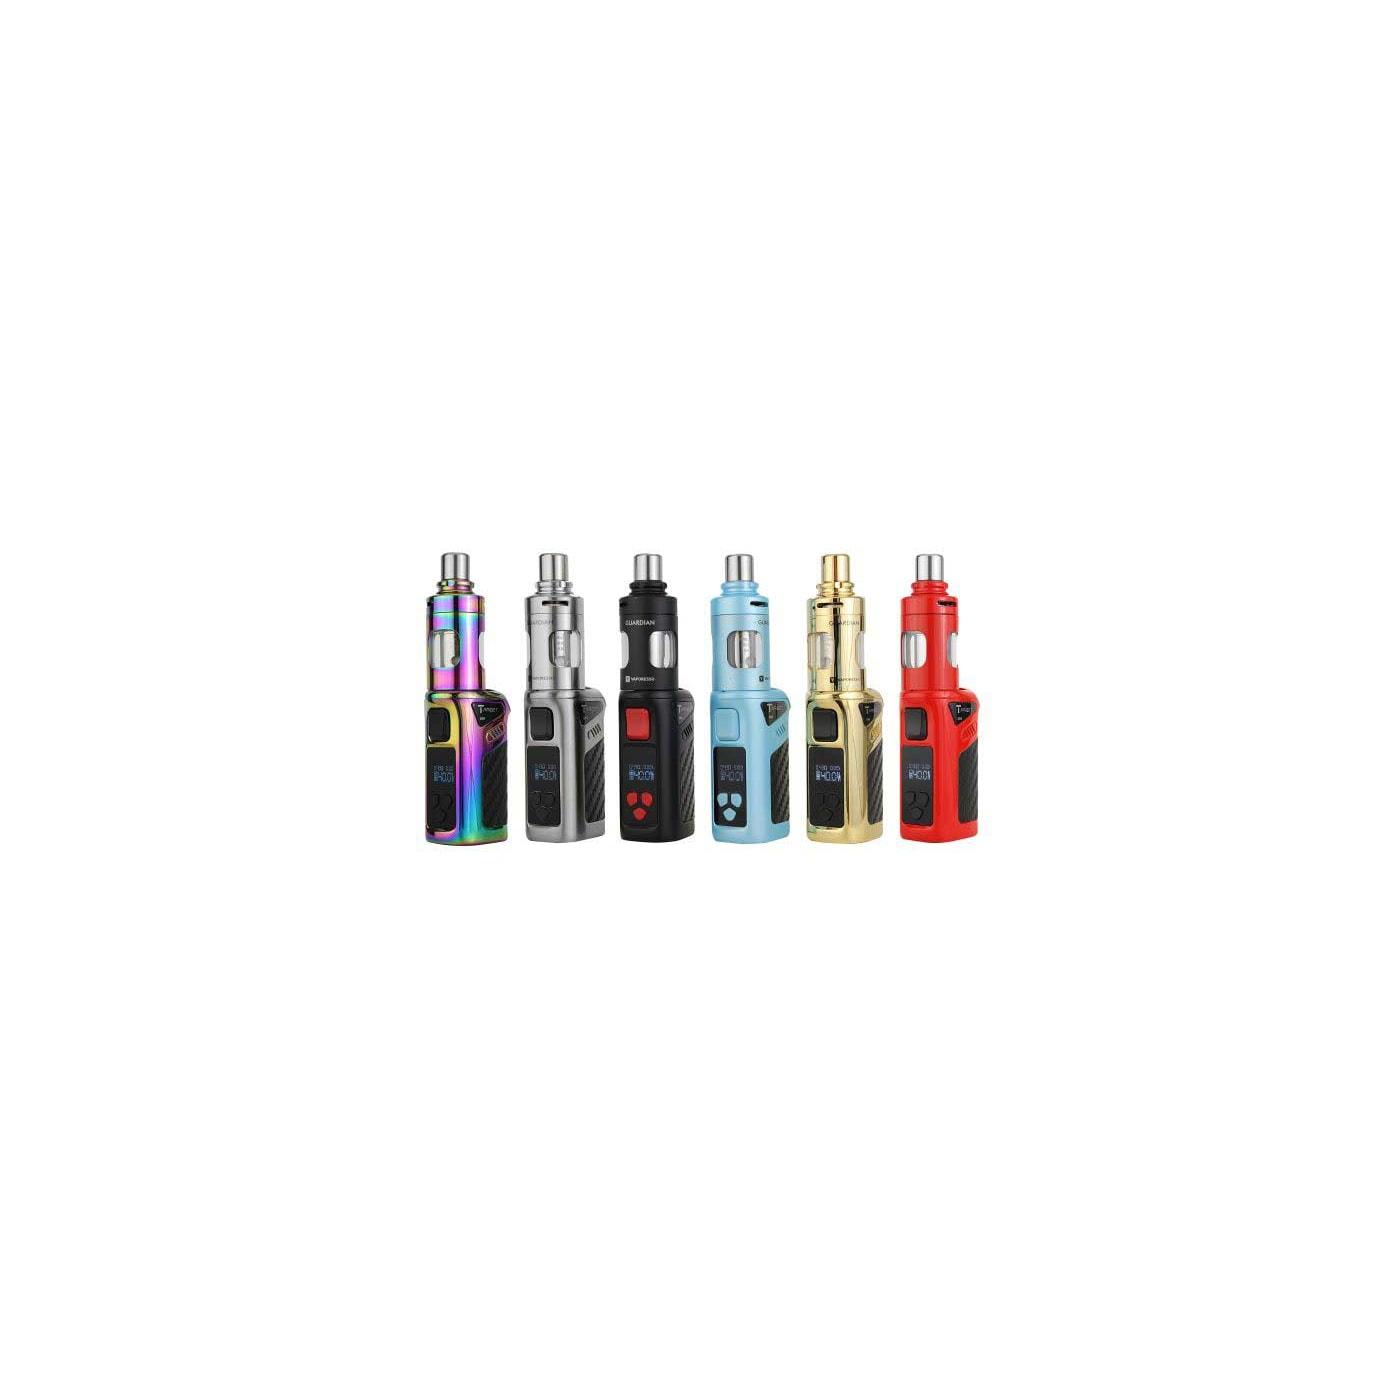 Vaporesso Target Mini 40W TC Starter Kit Colors